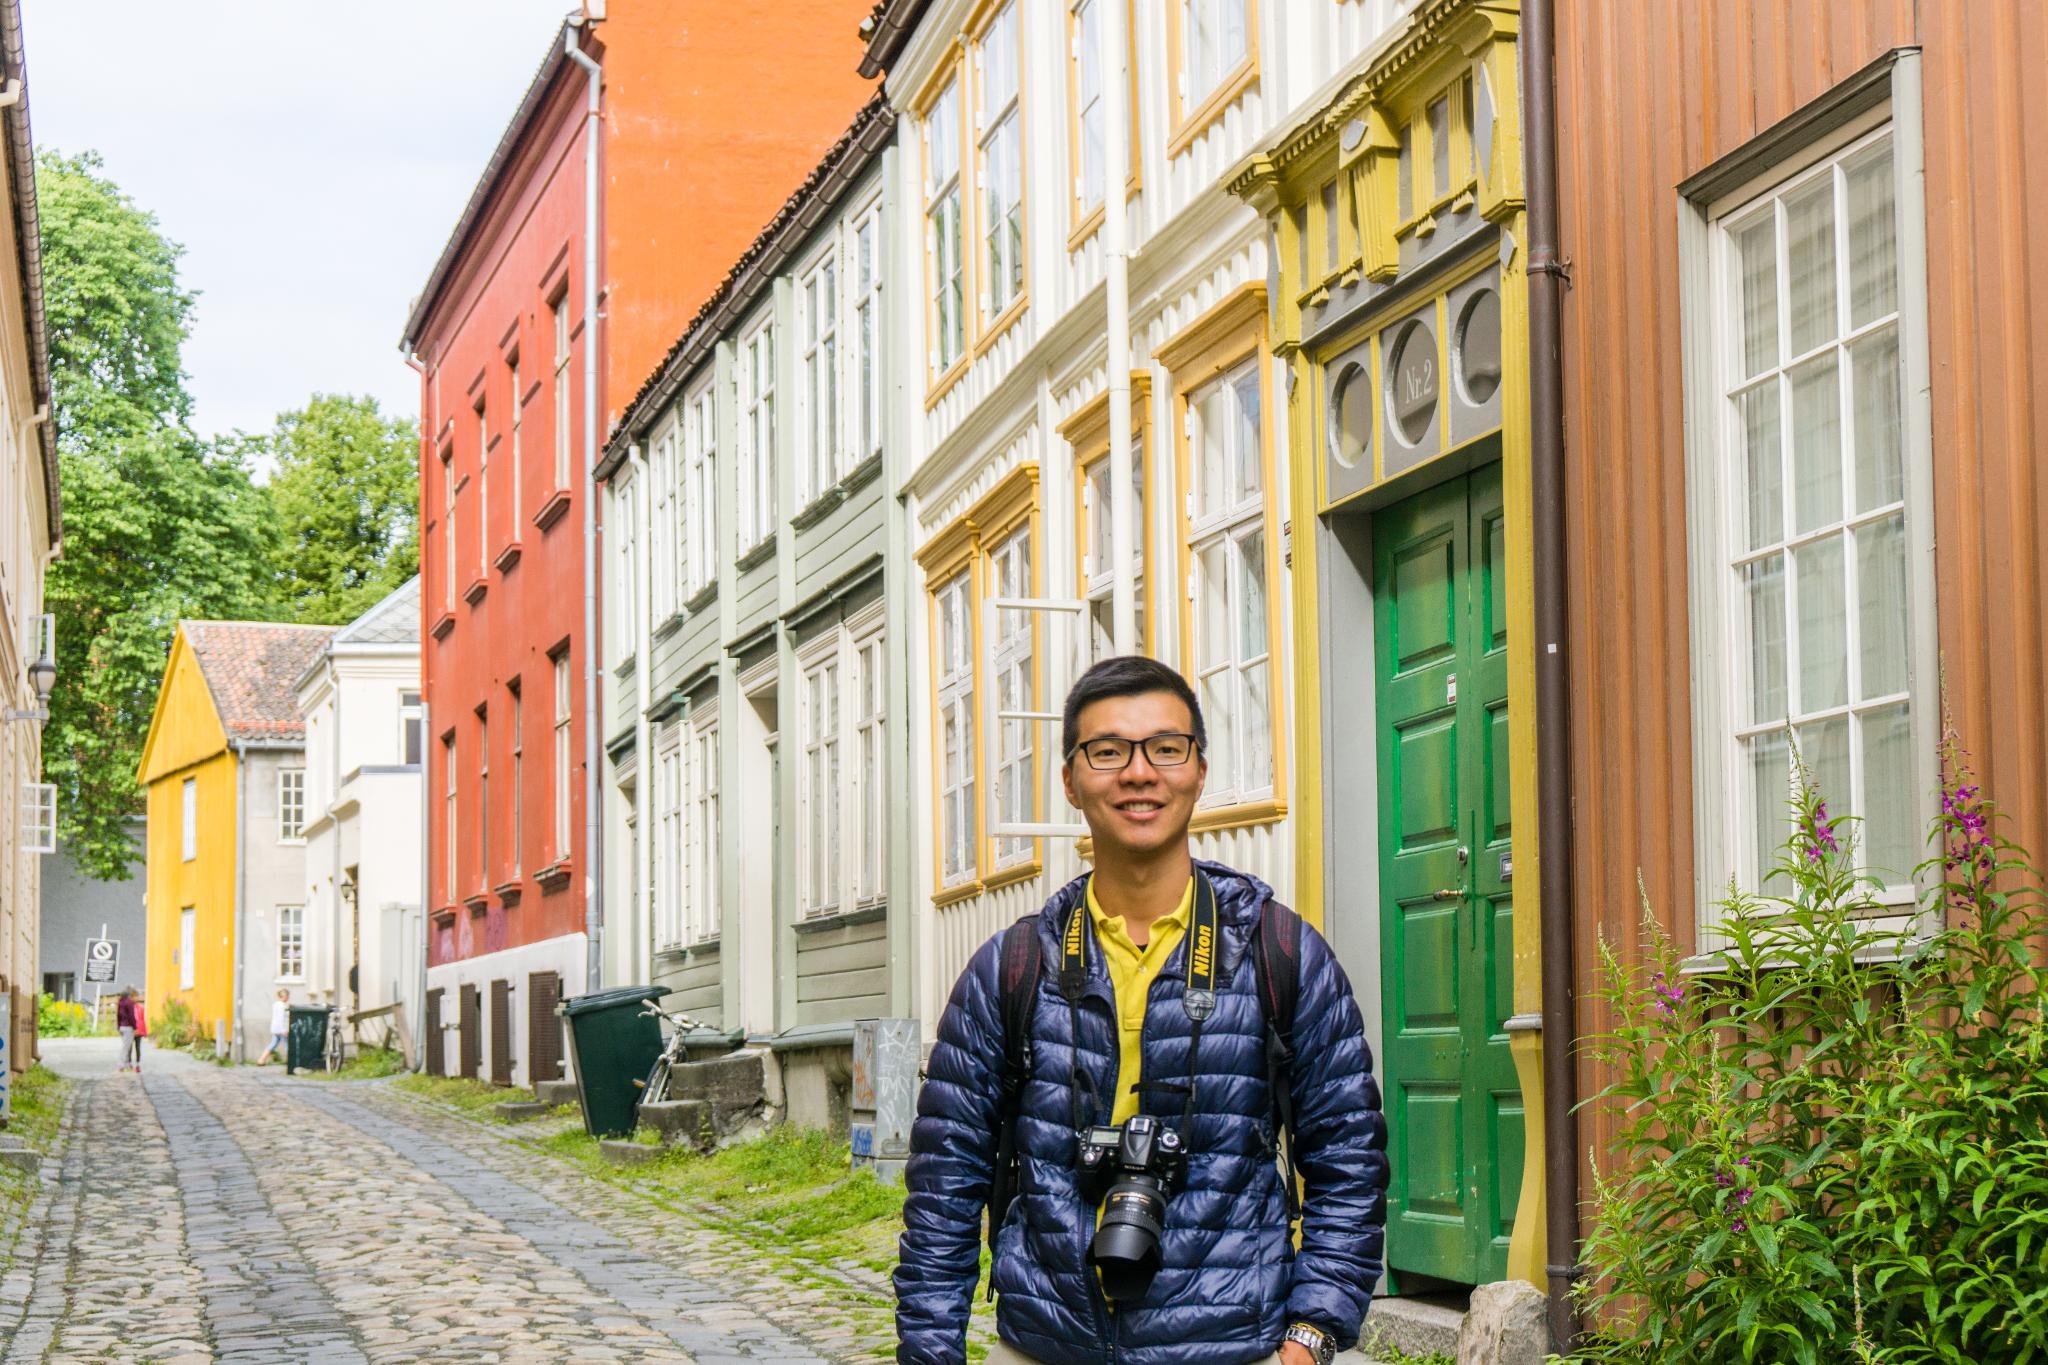 【北歐景點】拜訪維京王的千年古城 - Trondheim 特隆赫姆景點懶人包 16